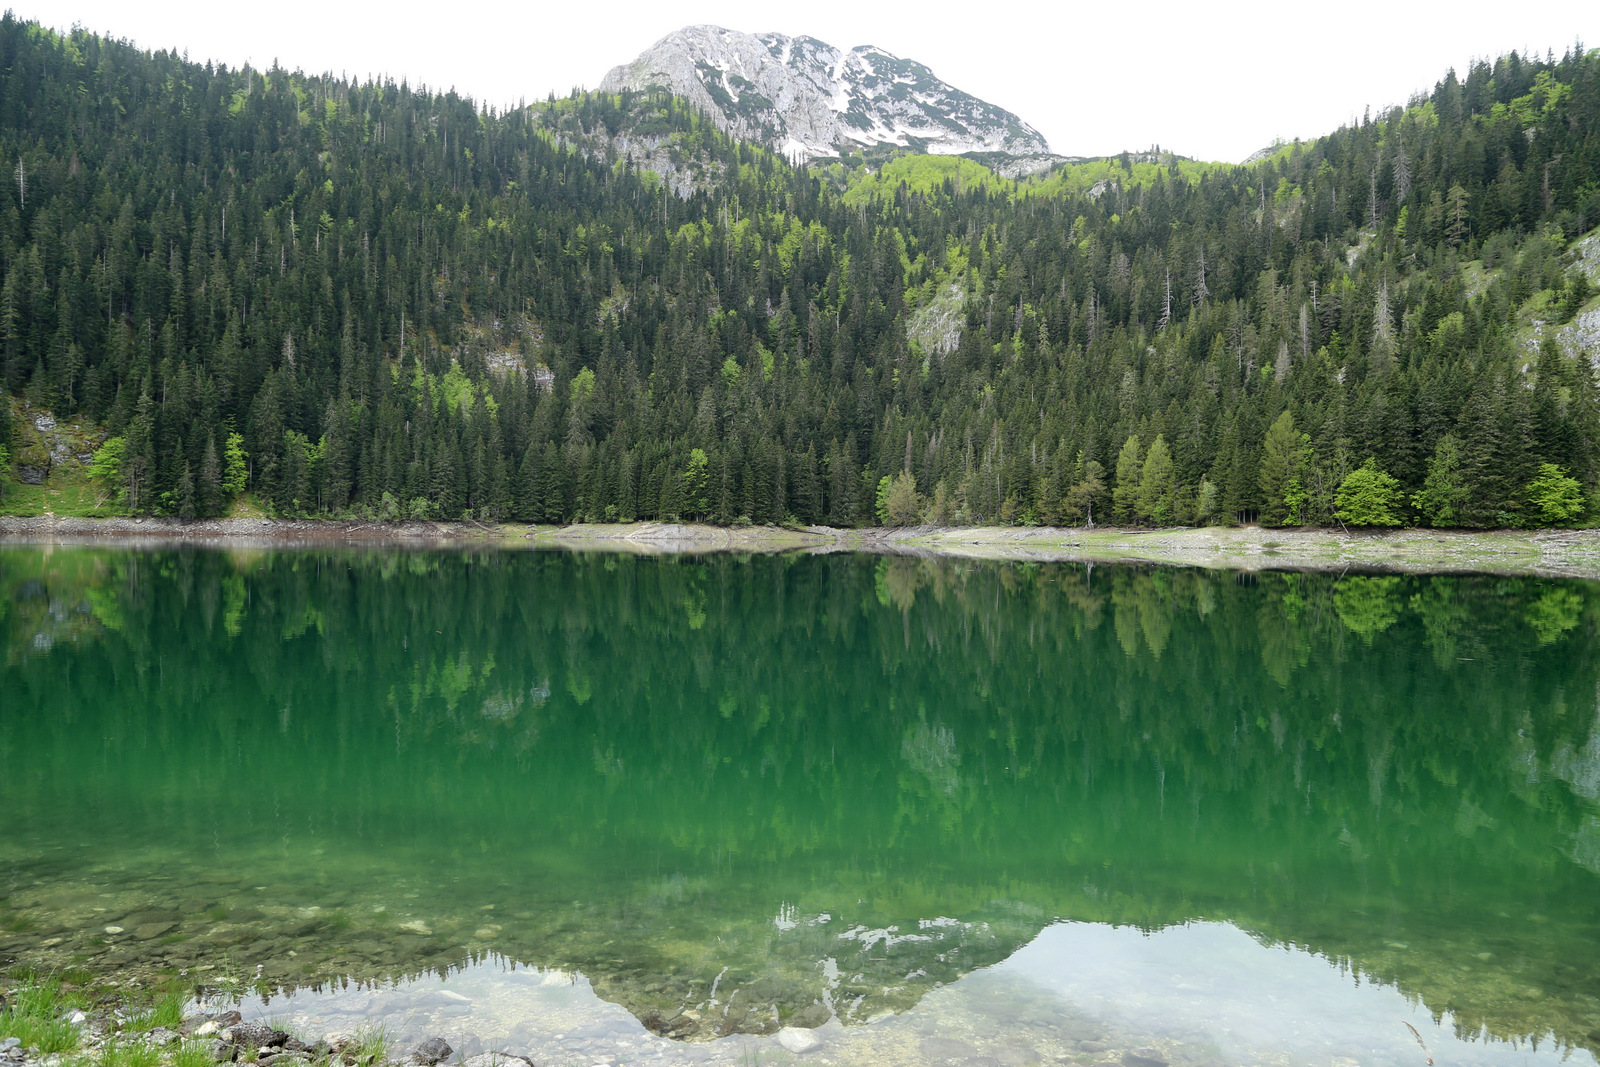 The Black laka (Crno Jezero) in Durmitor